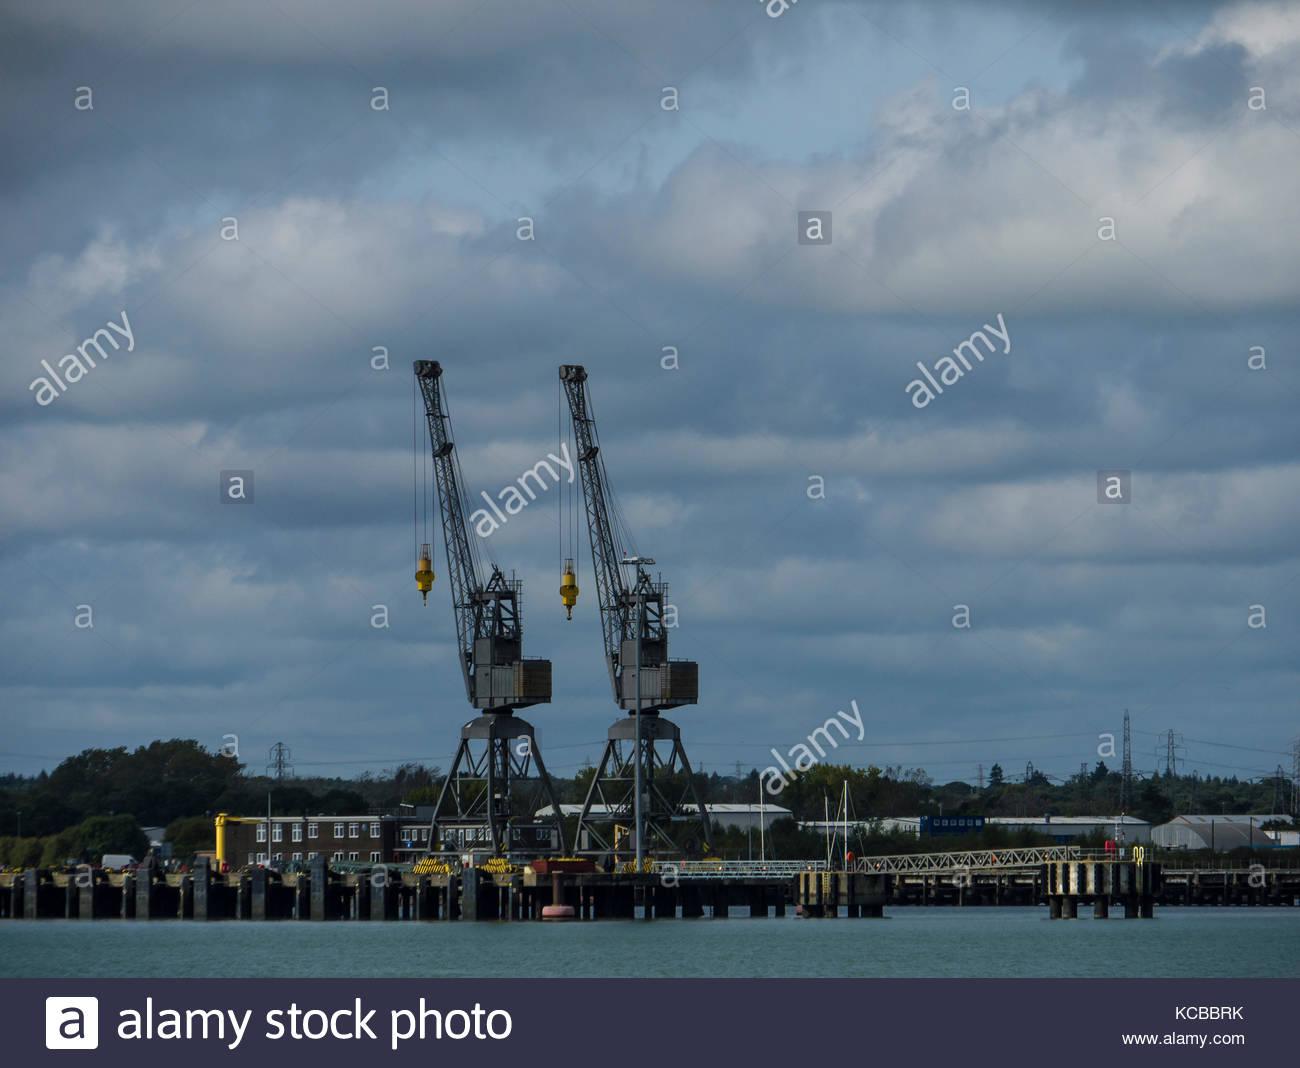 Southampton, Hampshire England dockside Leerlauf Krane in Warten an marchwood militärischen Port Stockbild